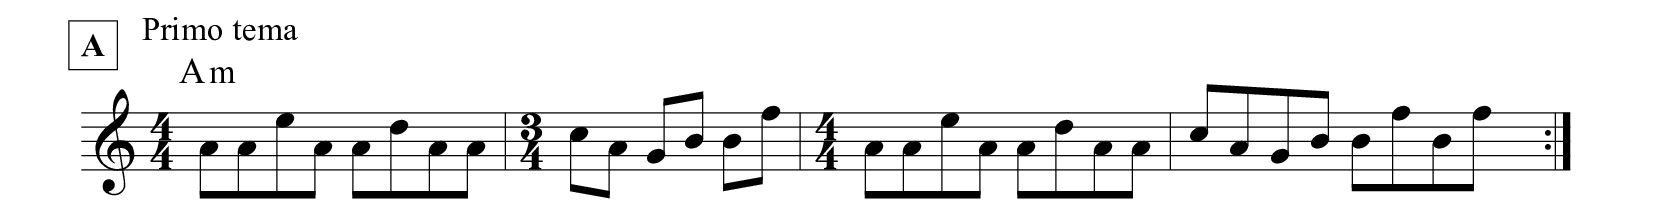 colonna sonora Profondo rosso tema principale spartito